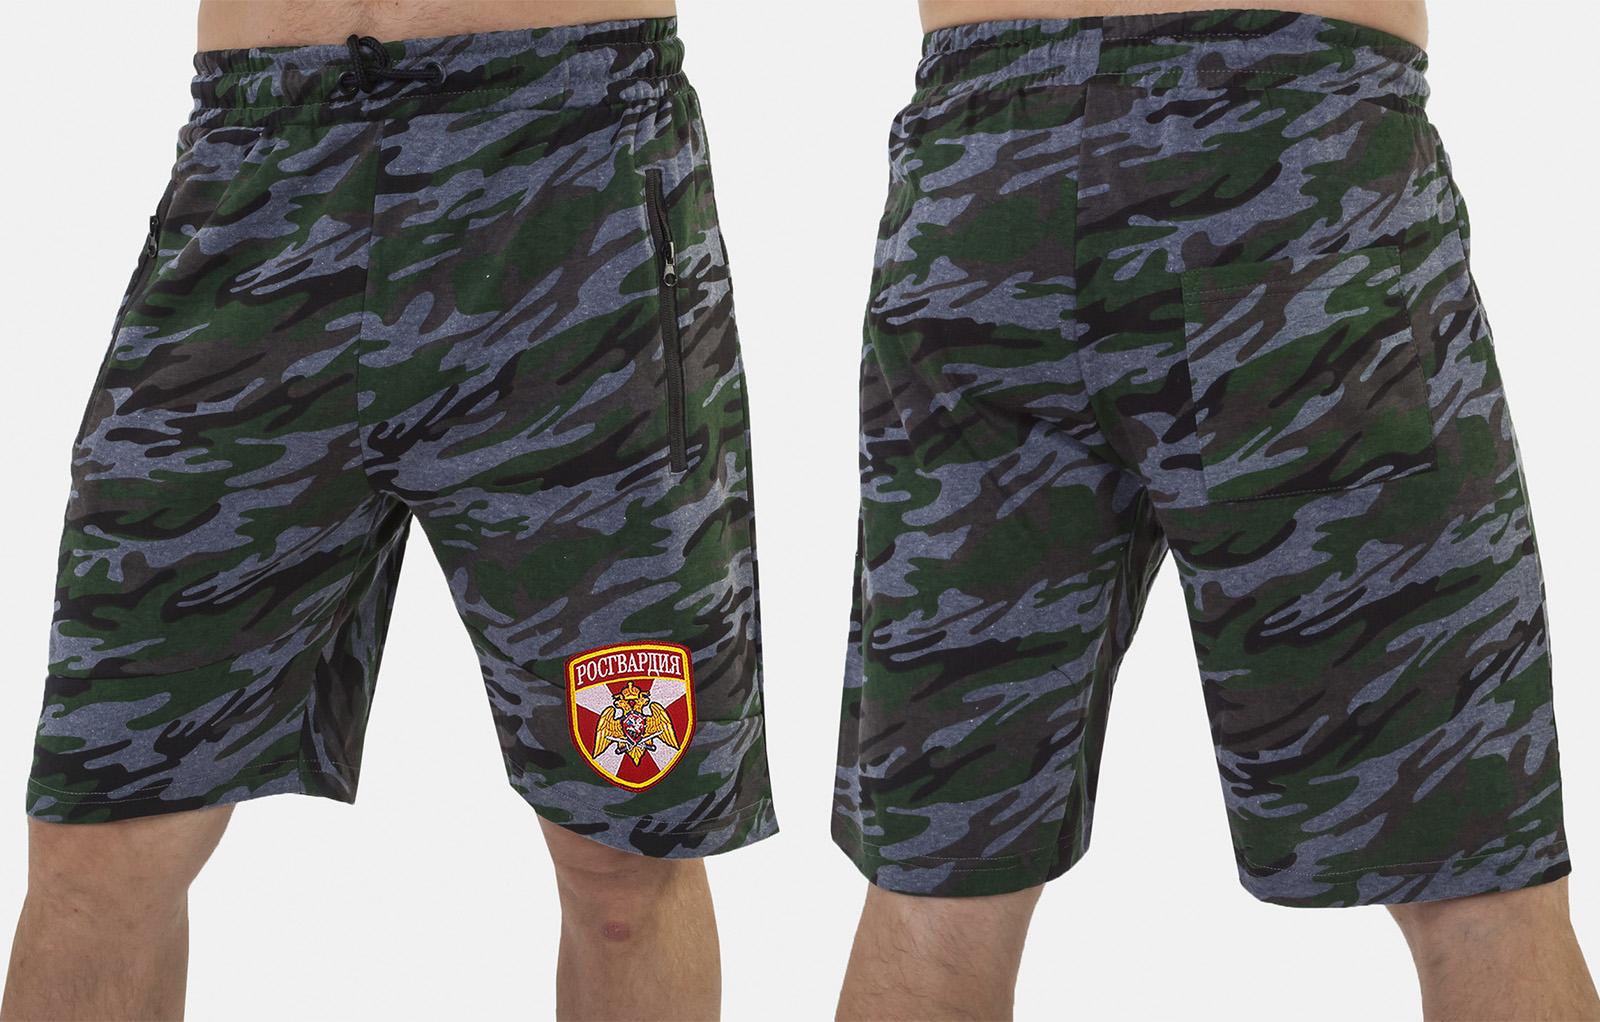 Модные камуфляжные милитари шорты с нашивкой Росгвардия - купить оптом